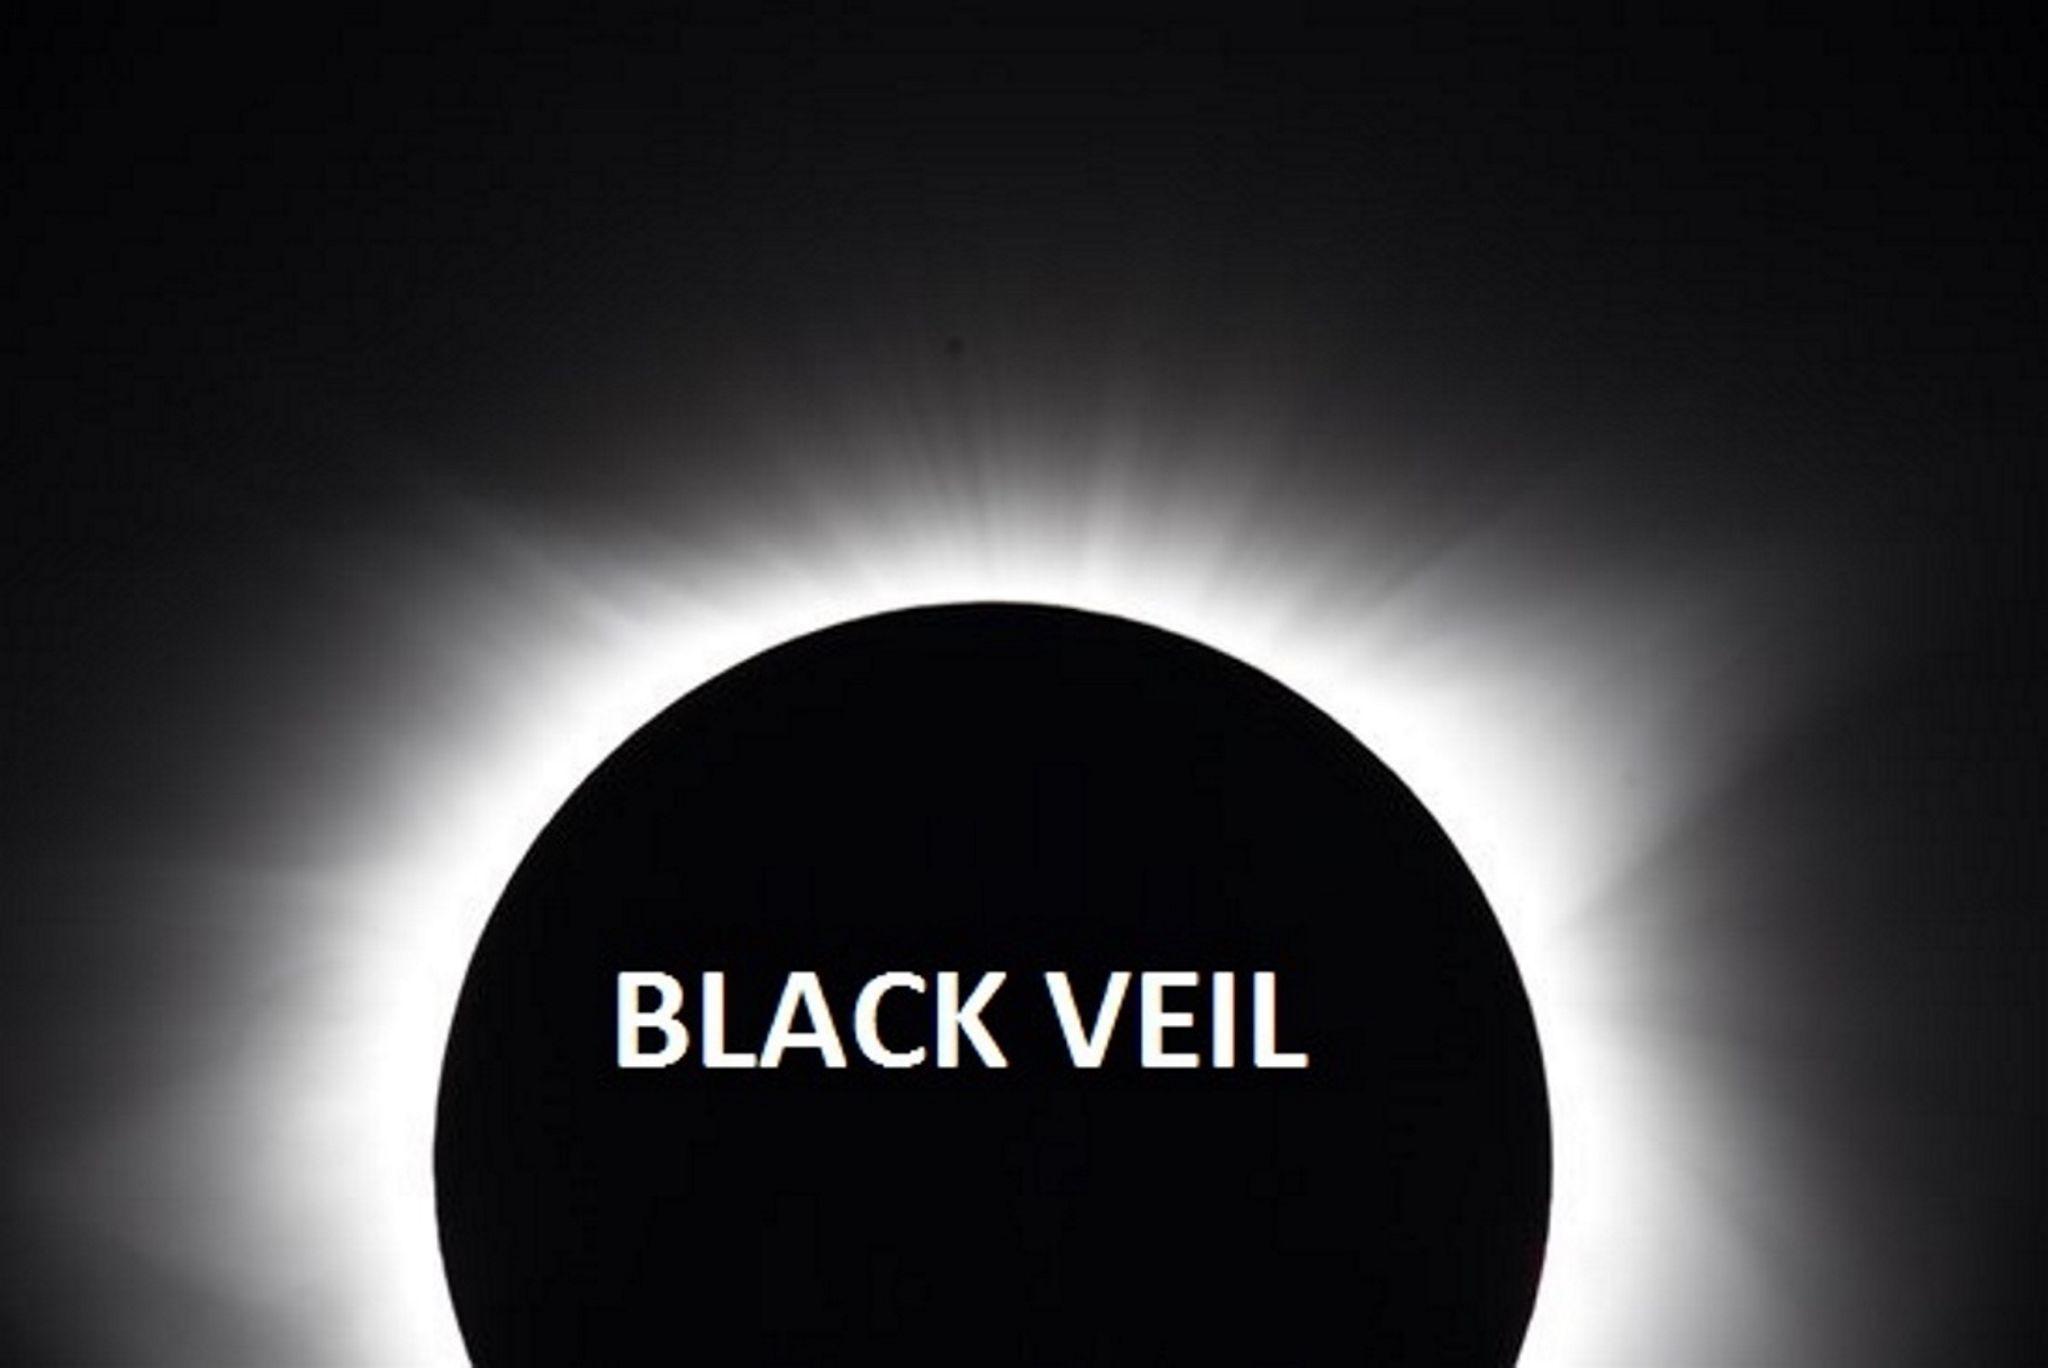 BLACK VEIL, PILOT EPISODE